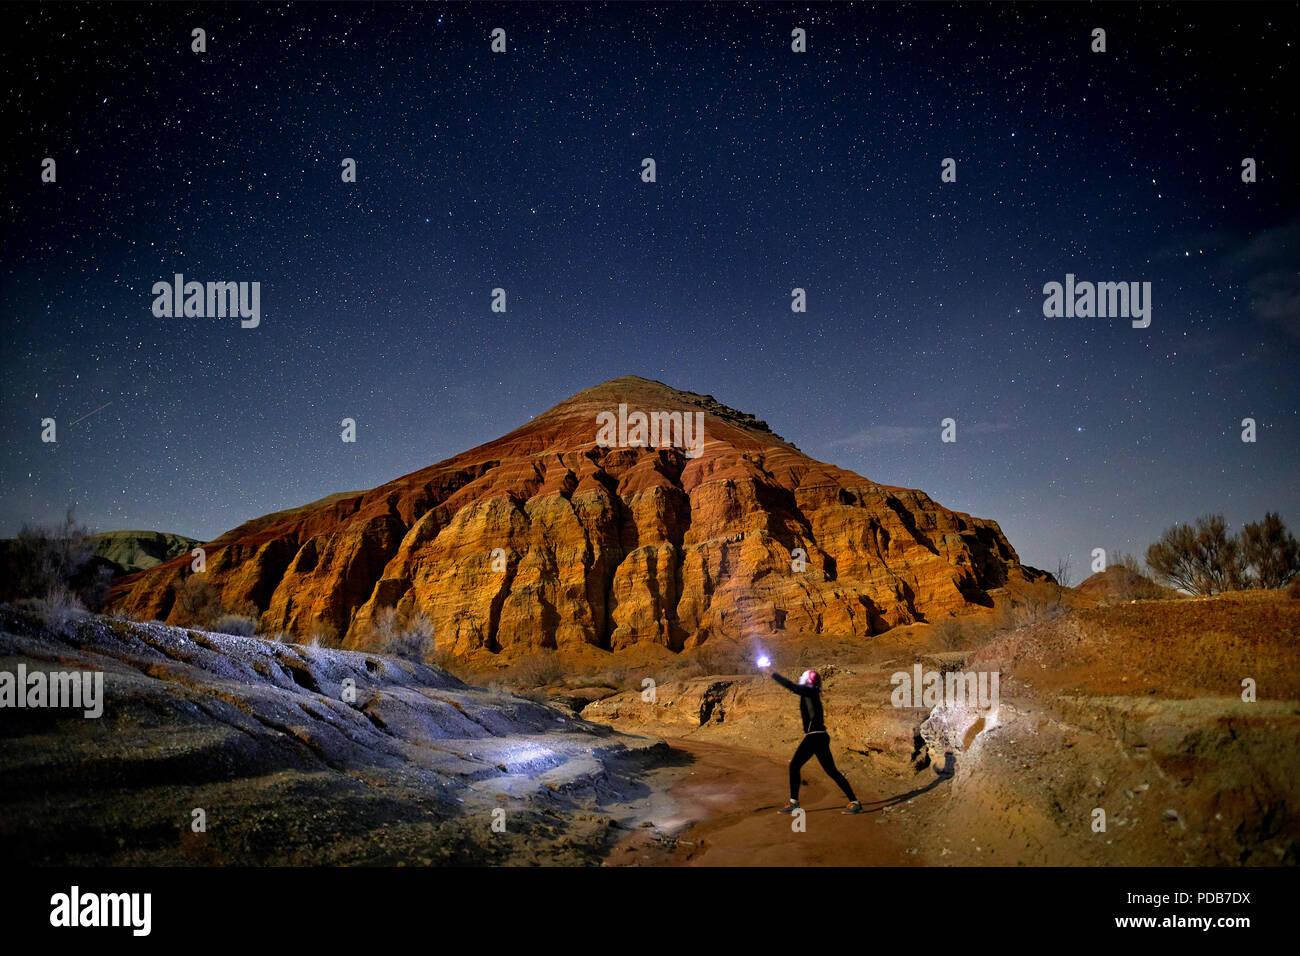 Man with head light dans le désert à fond de ciel de nuit. Voyage, aventure et concept de l'expédition. Photo Stock